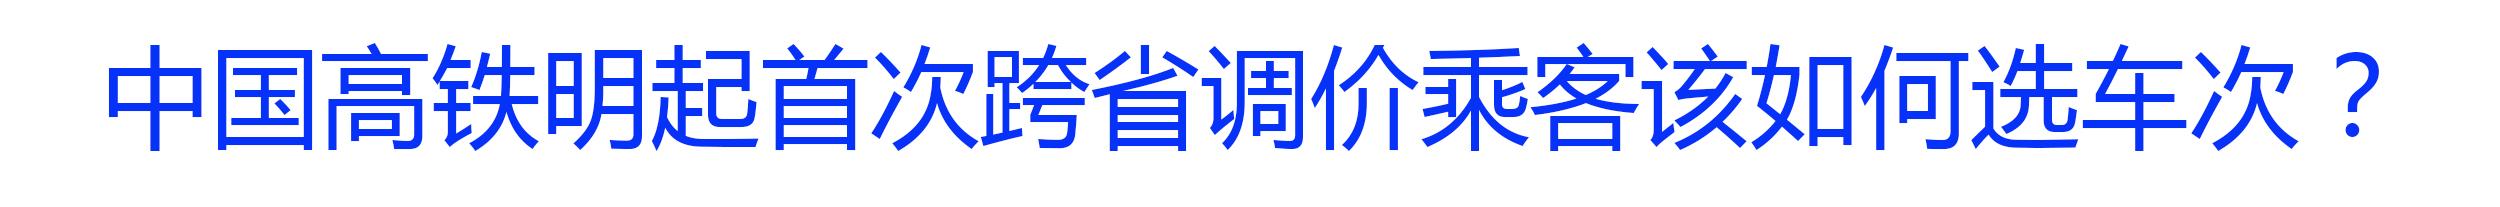 中国高铁明起首次跨省调价乘客该如何选车次?